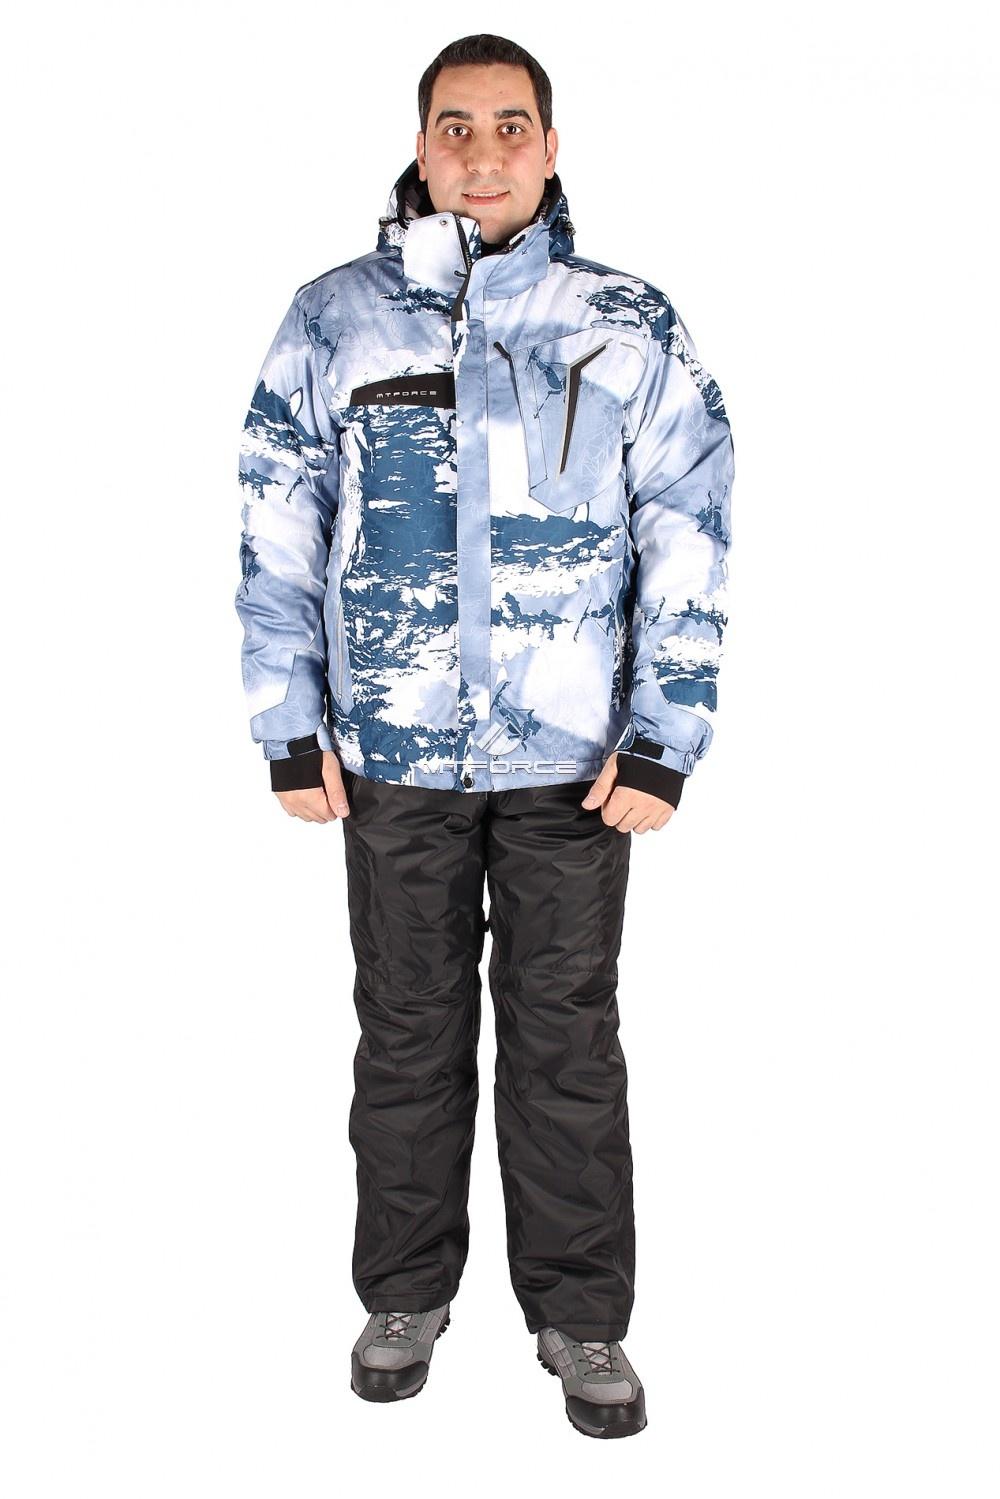 Купить                                  оптом Костюм горнолыжный мужской синий цвета 01550S